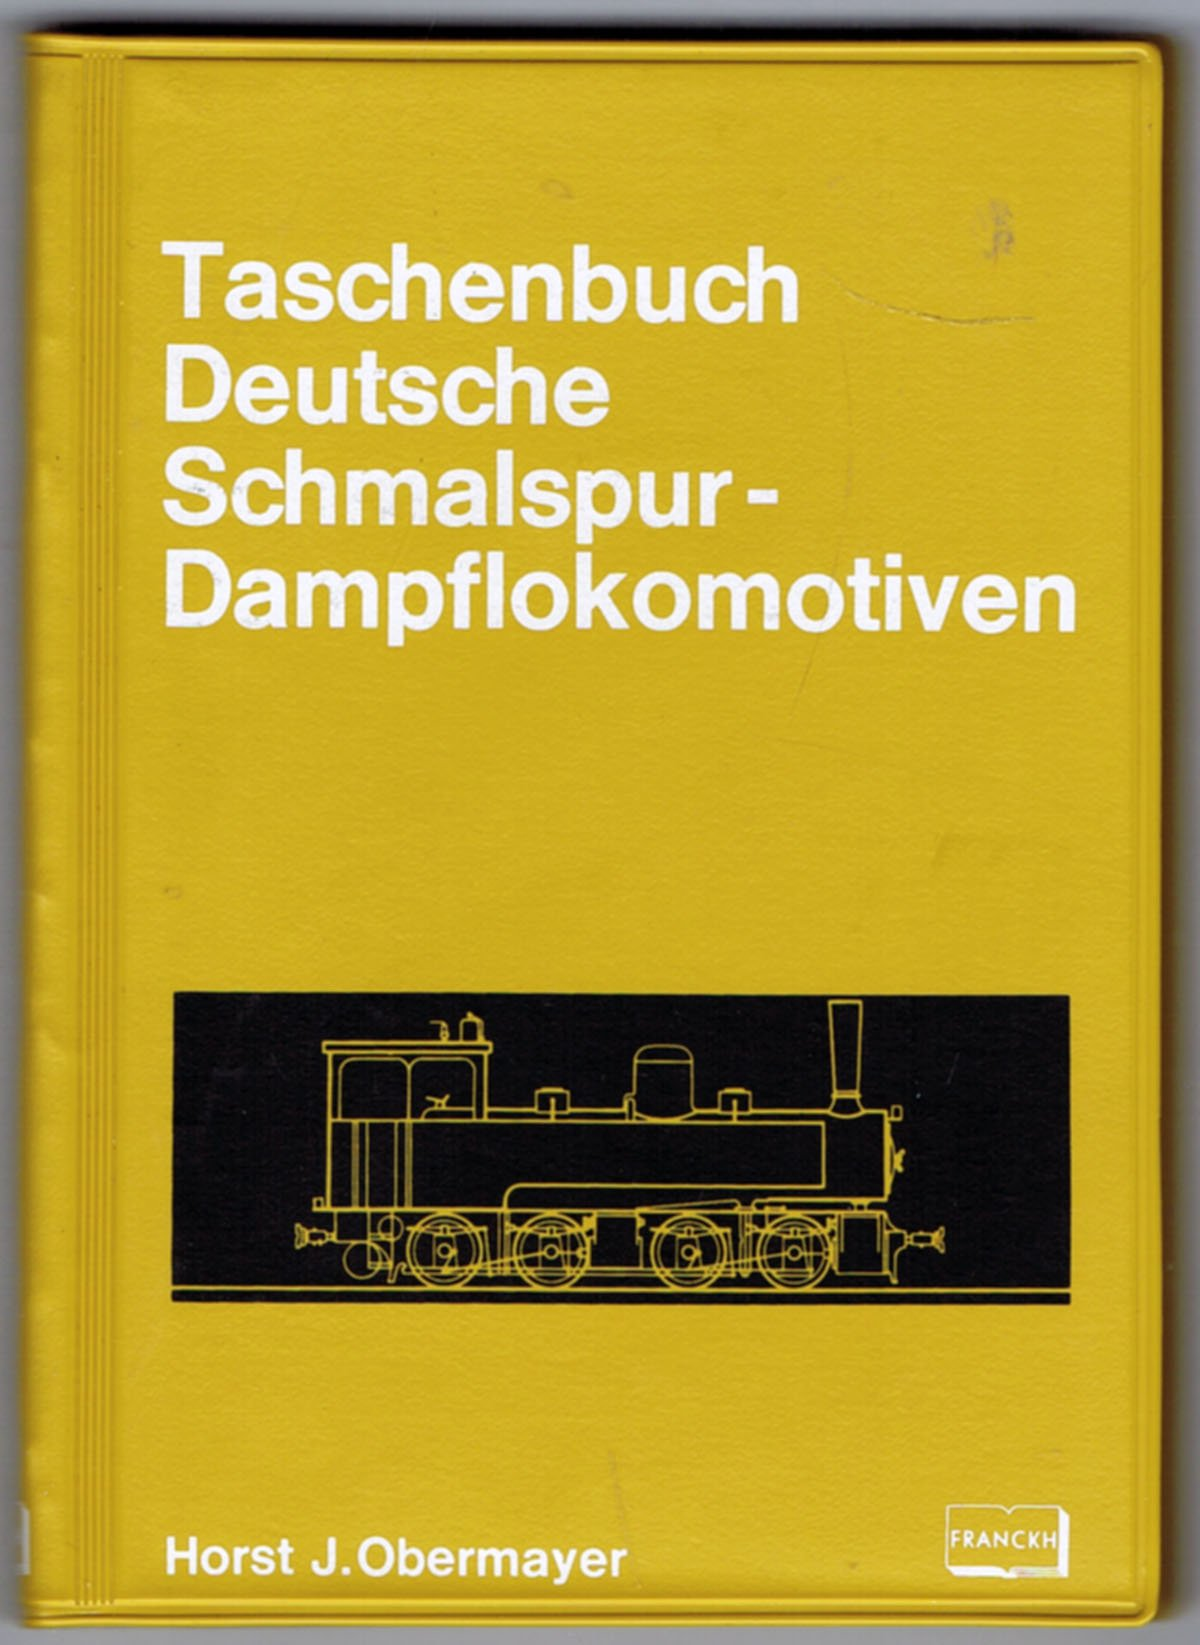 Taschenbuch Deutsche Schmalspur- Dampflokomotiven